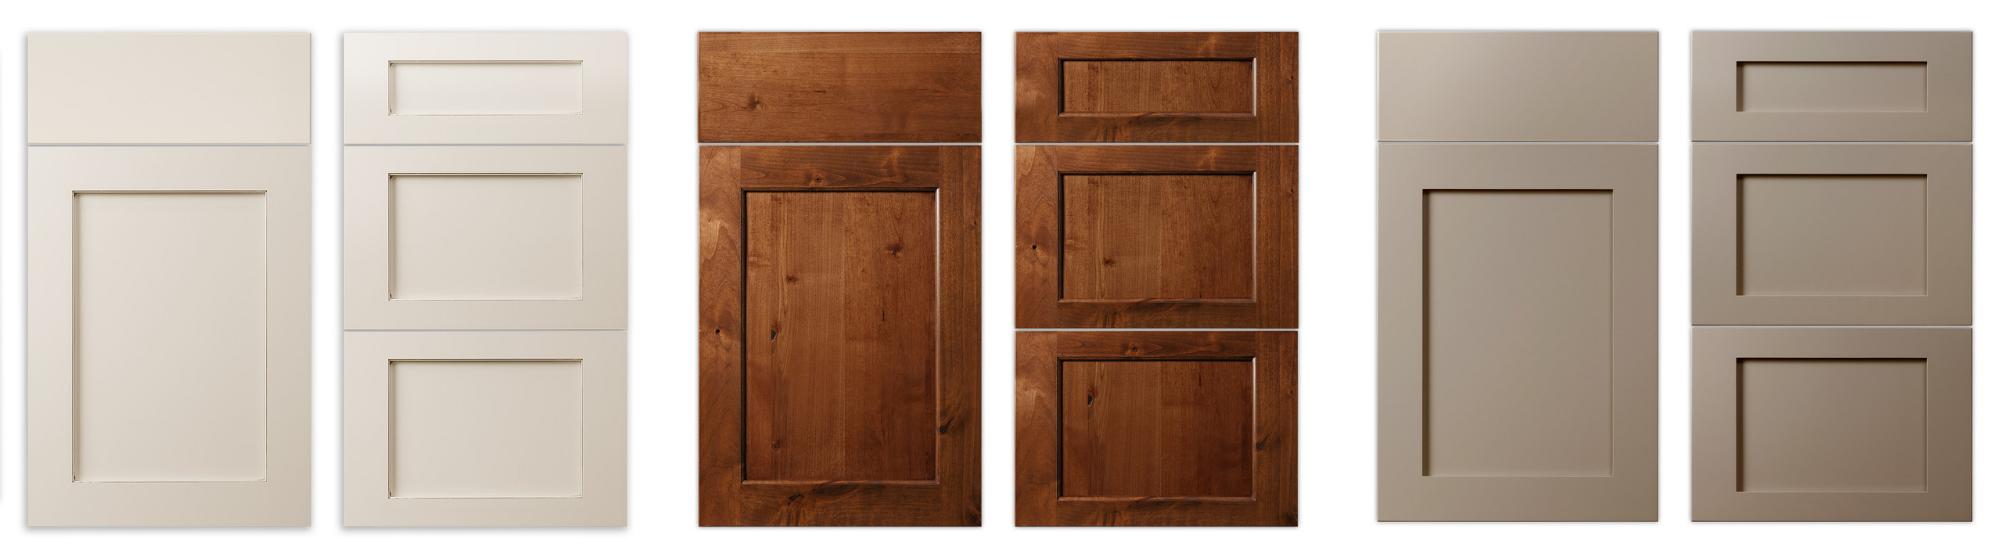 Flat Panel cabinet door